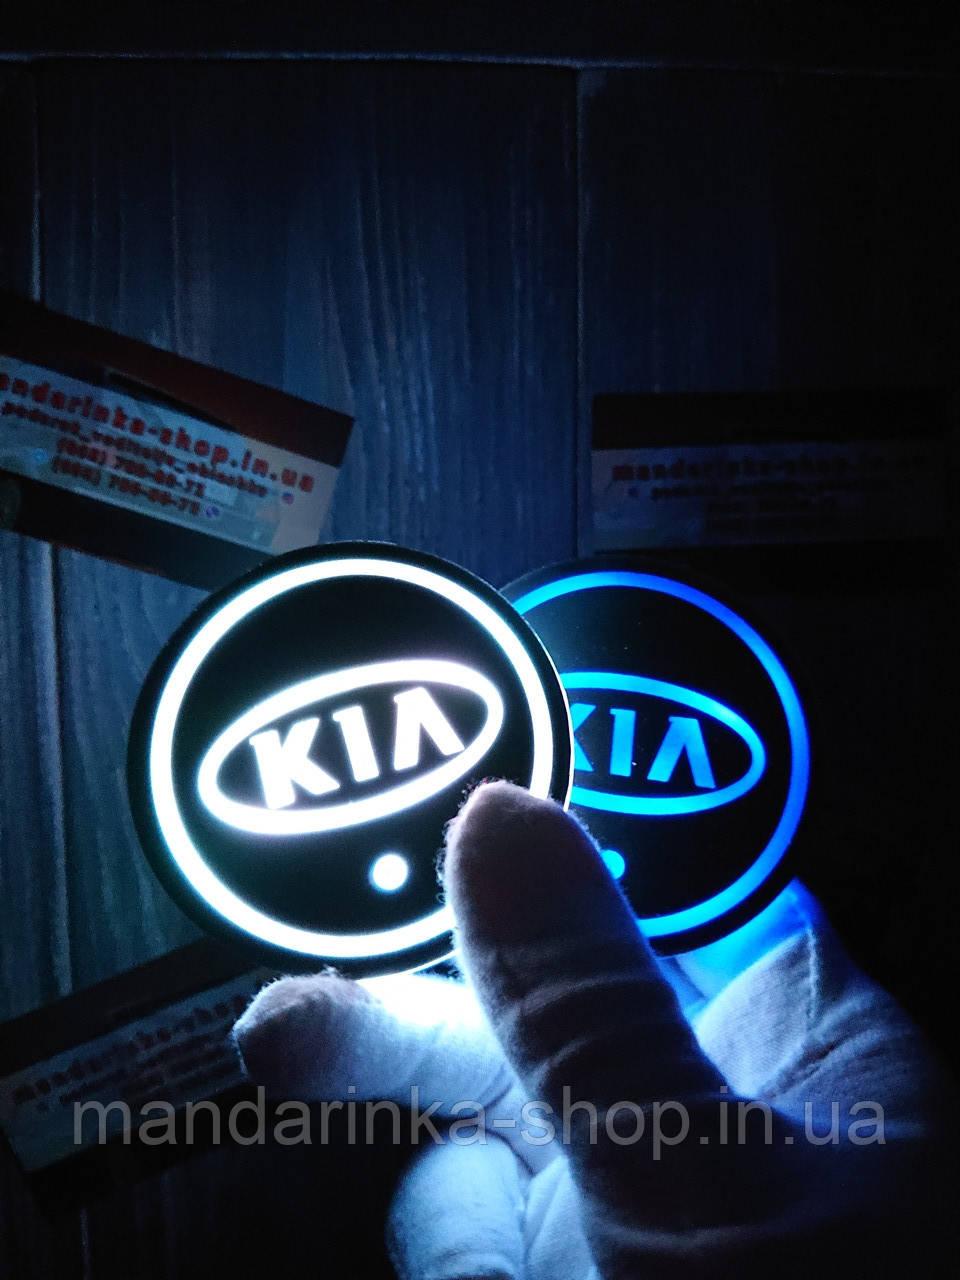 Підсвічування підсклянника з логотипом автомобіля KIA